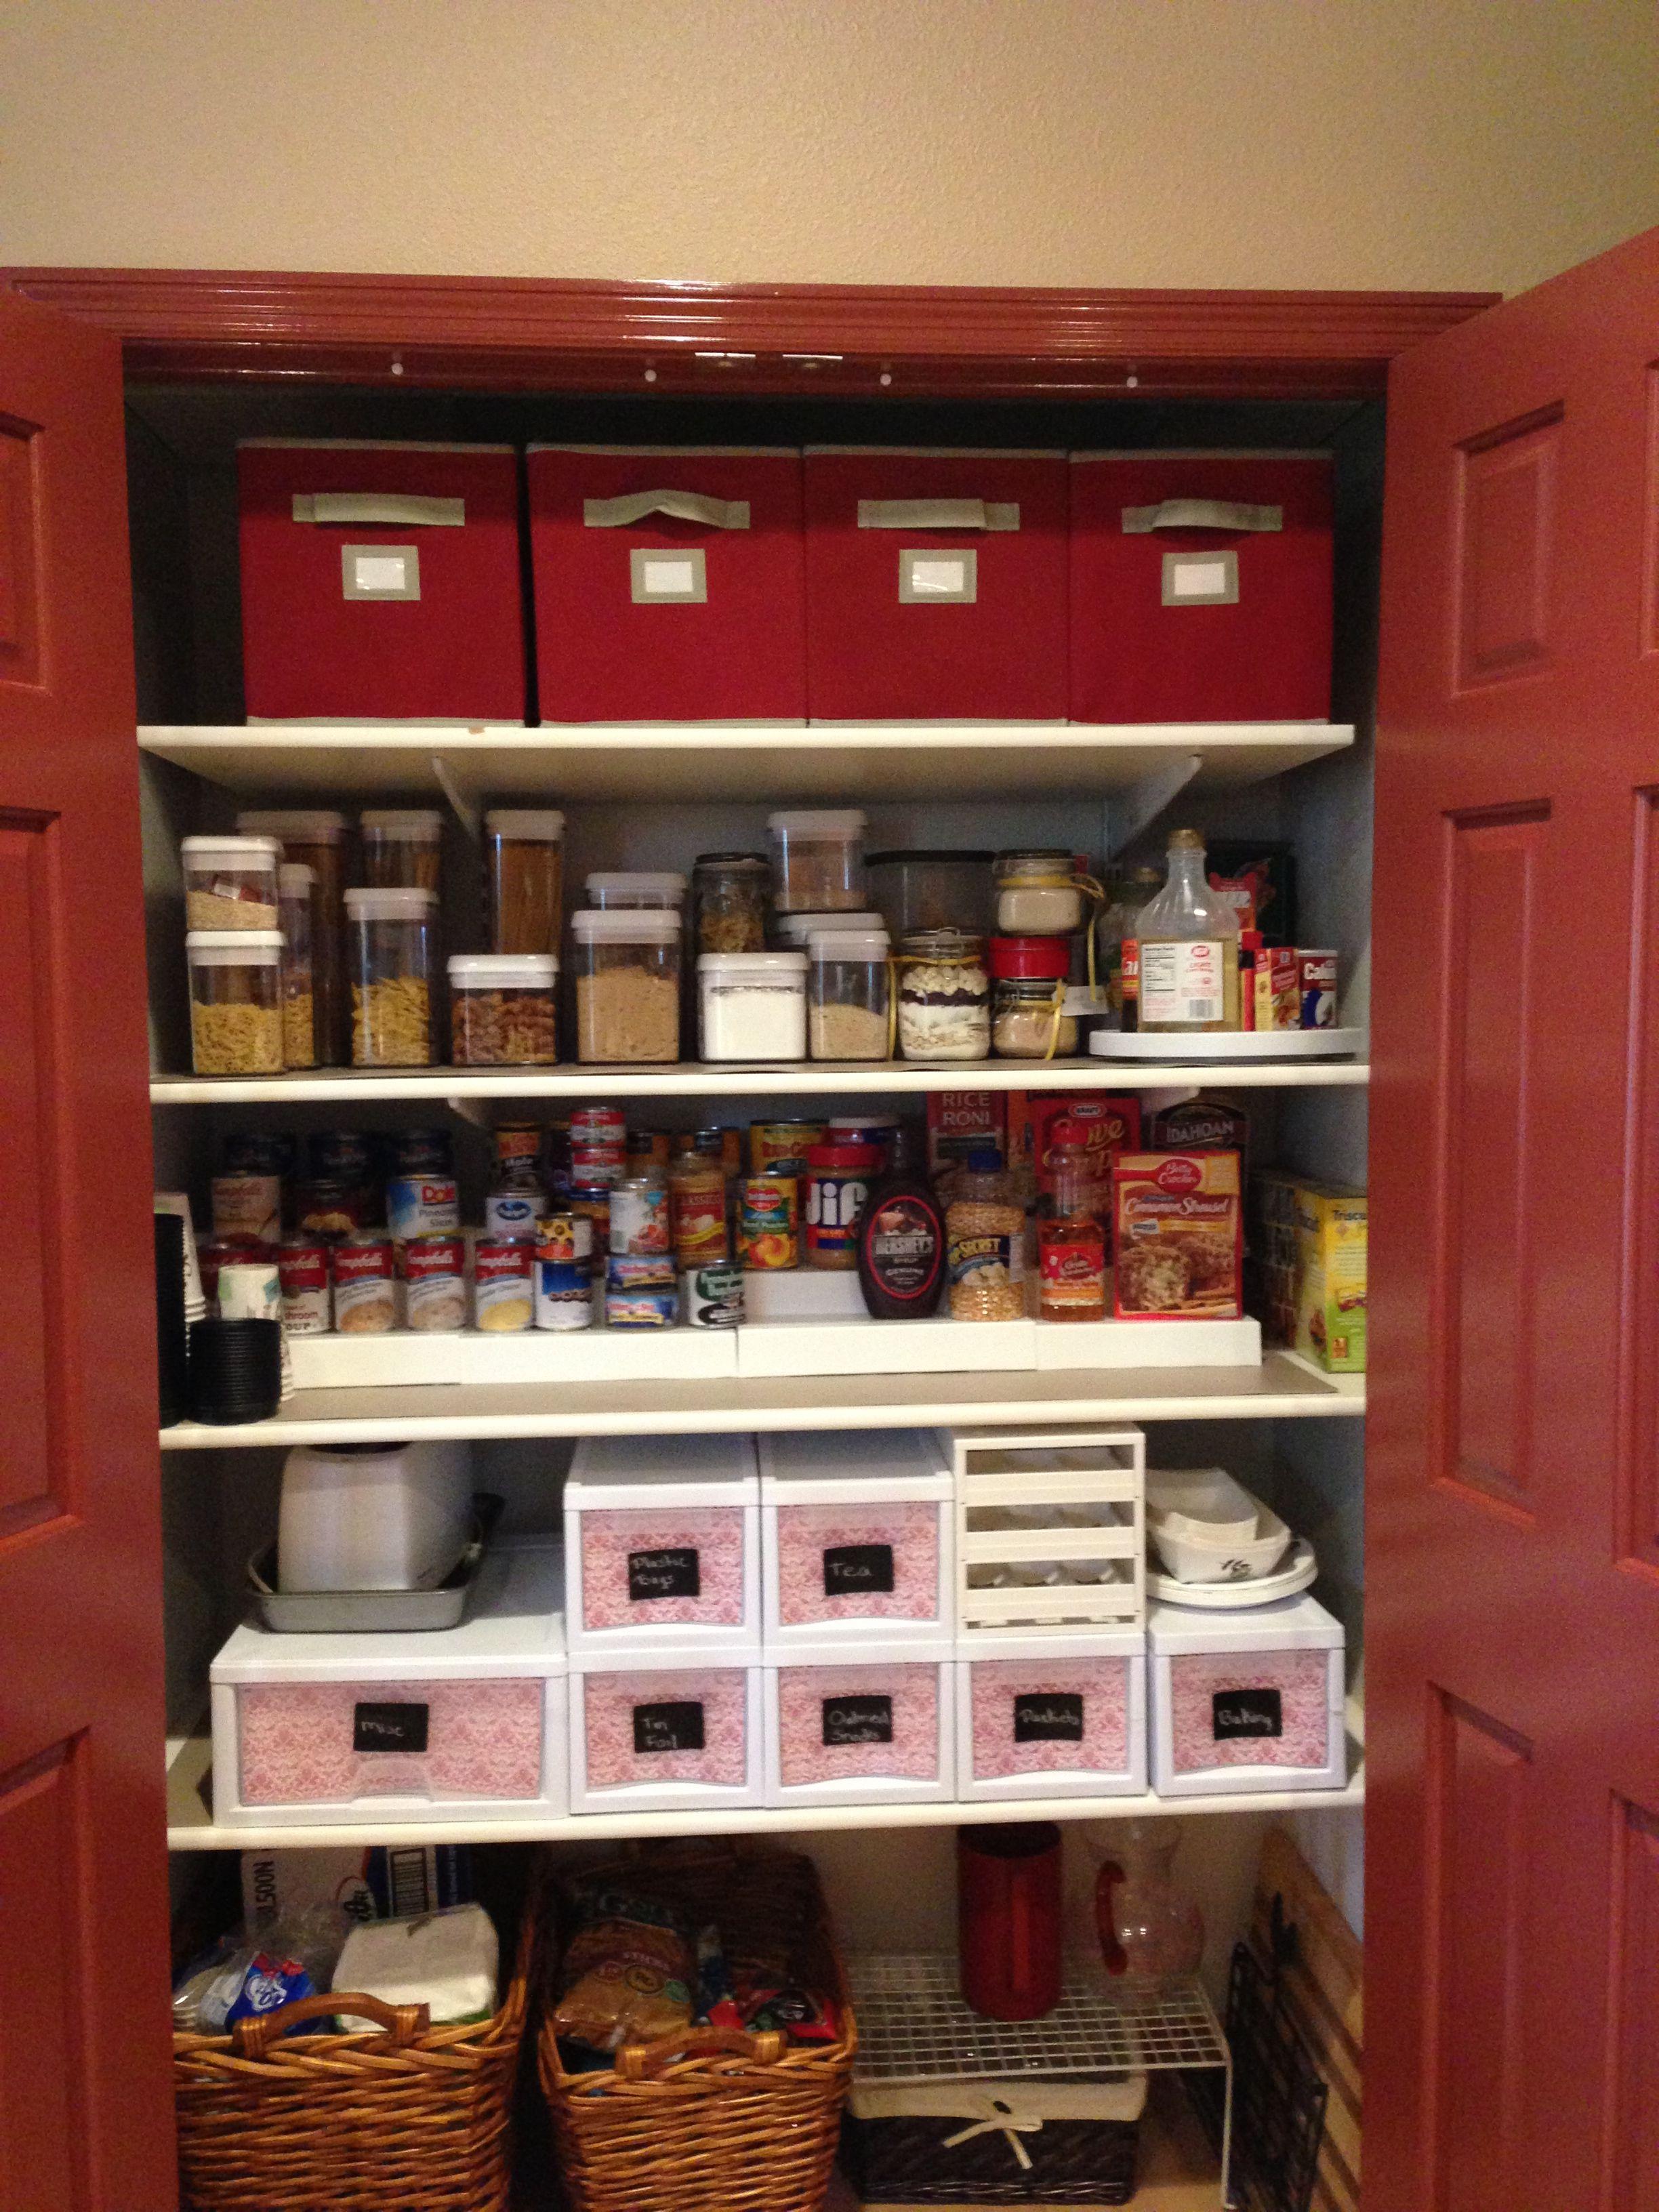 Kitchen Pantry Organization Mega Stacking Shelves From Organizeit Com Kitchen Organization Pantry Pantry Organization Stacking Shelves